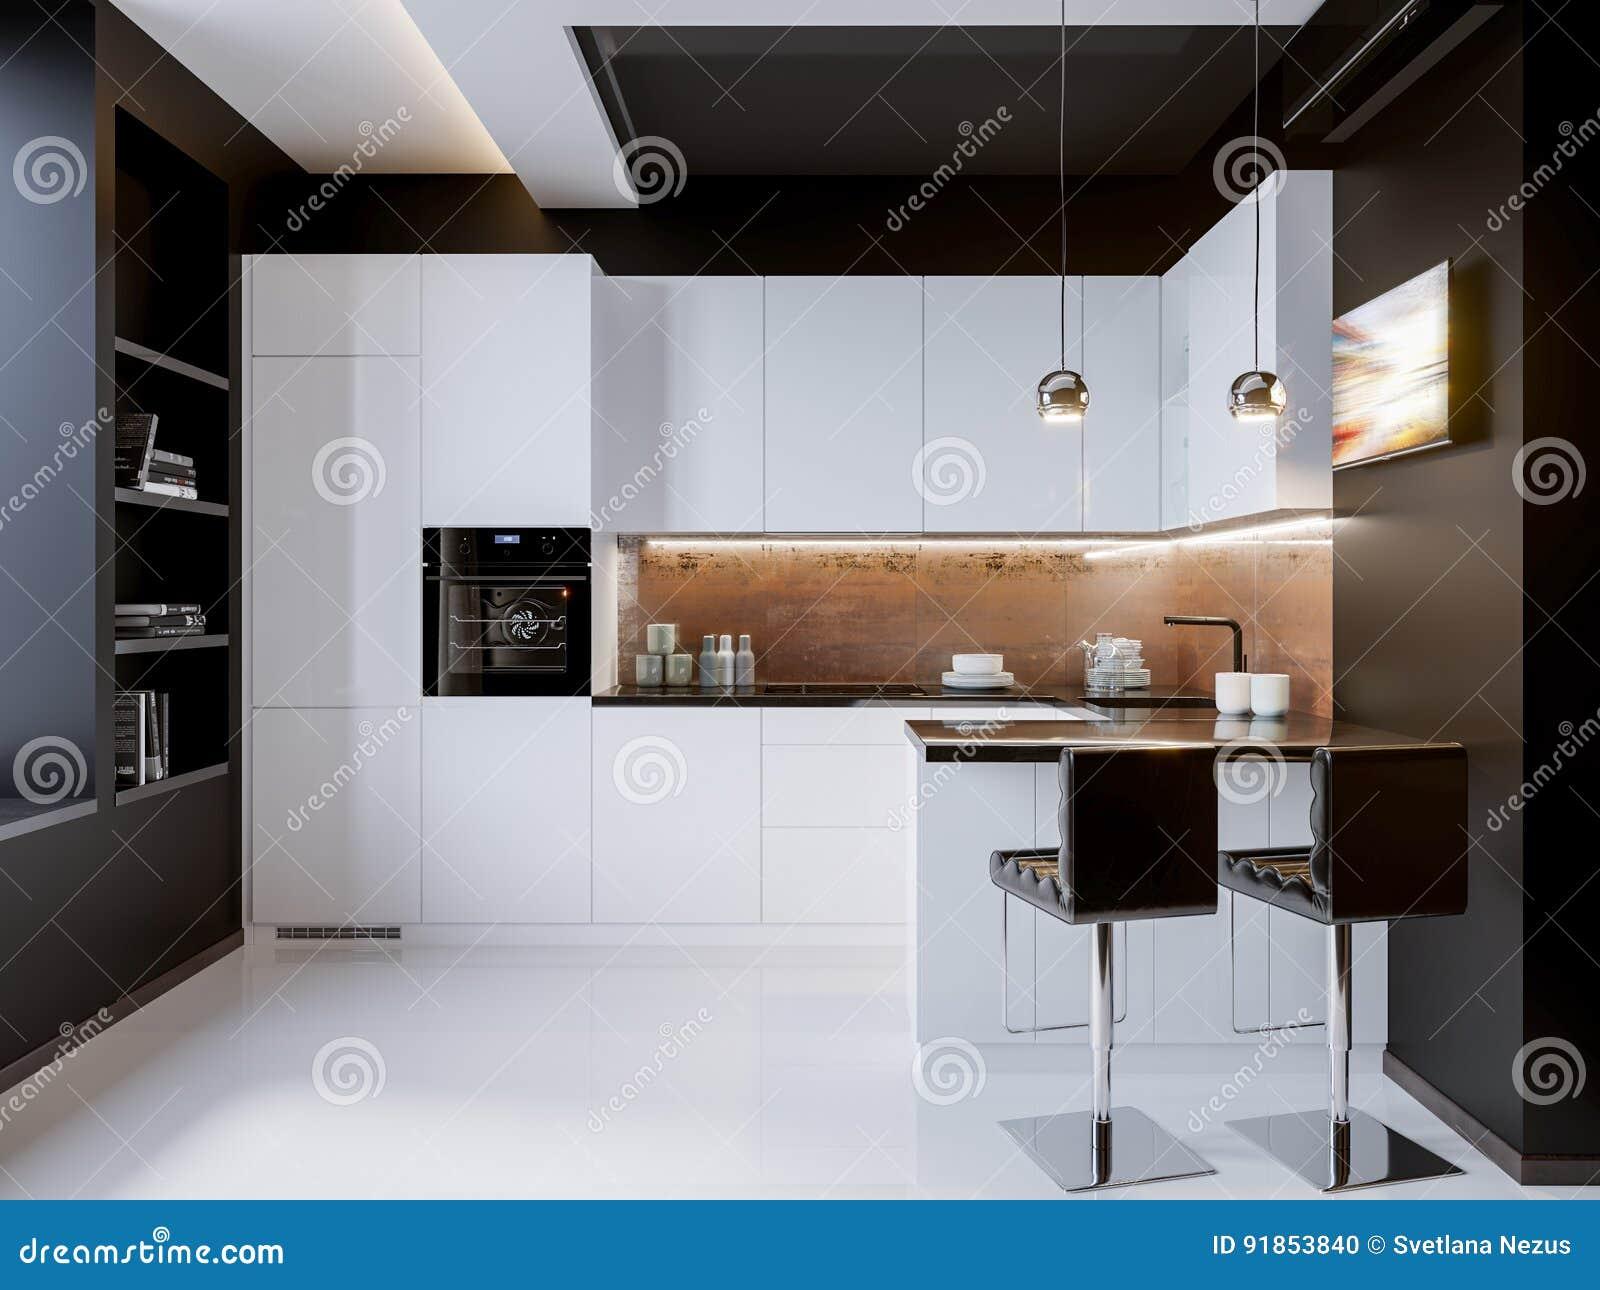 Moderne Keuken Ontwerpen : Het witte binnenlandse ontwerp van de contrast moderne keuken stock